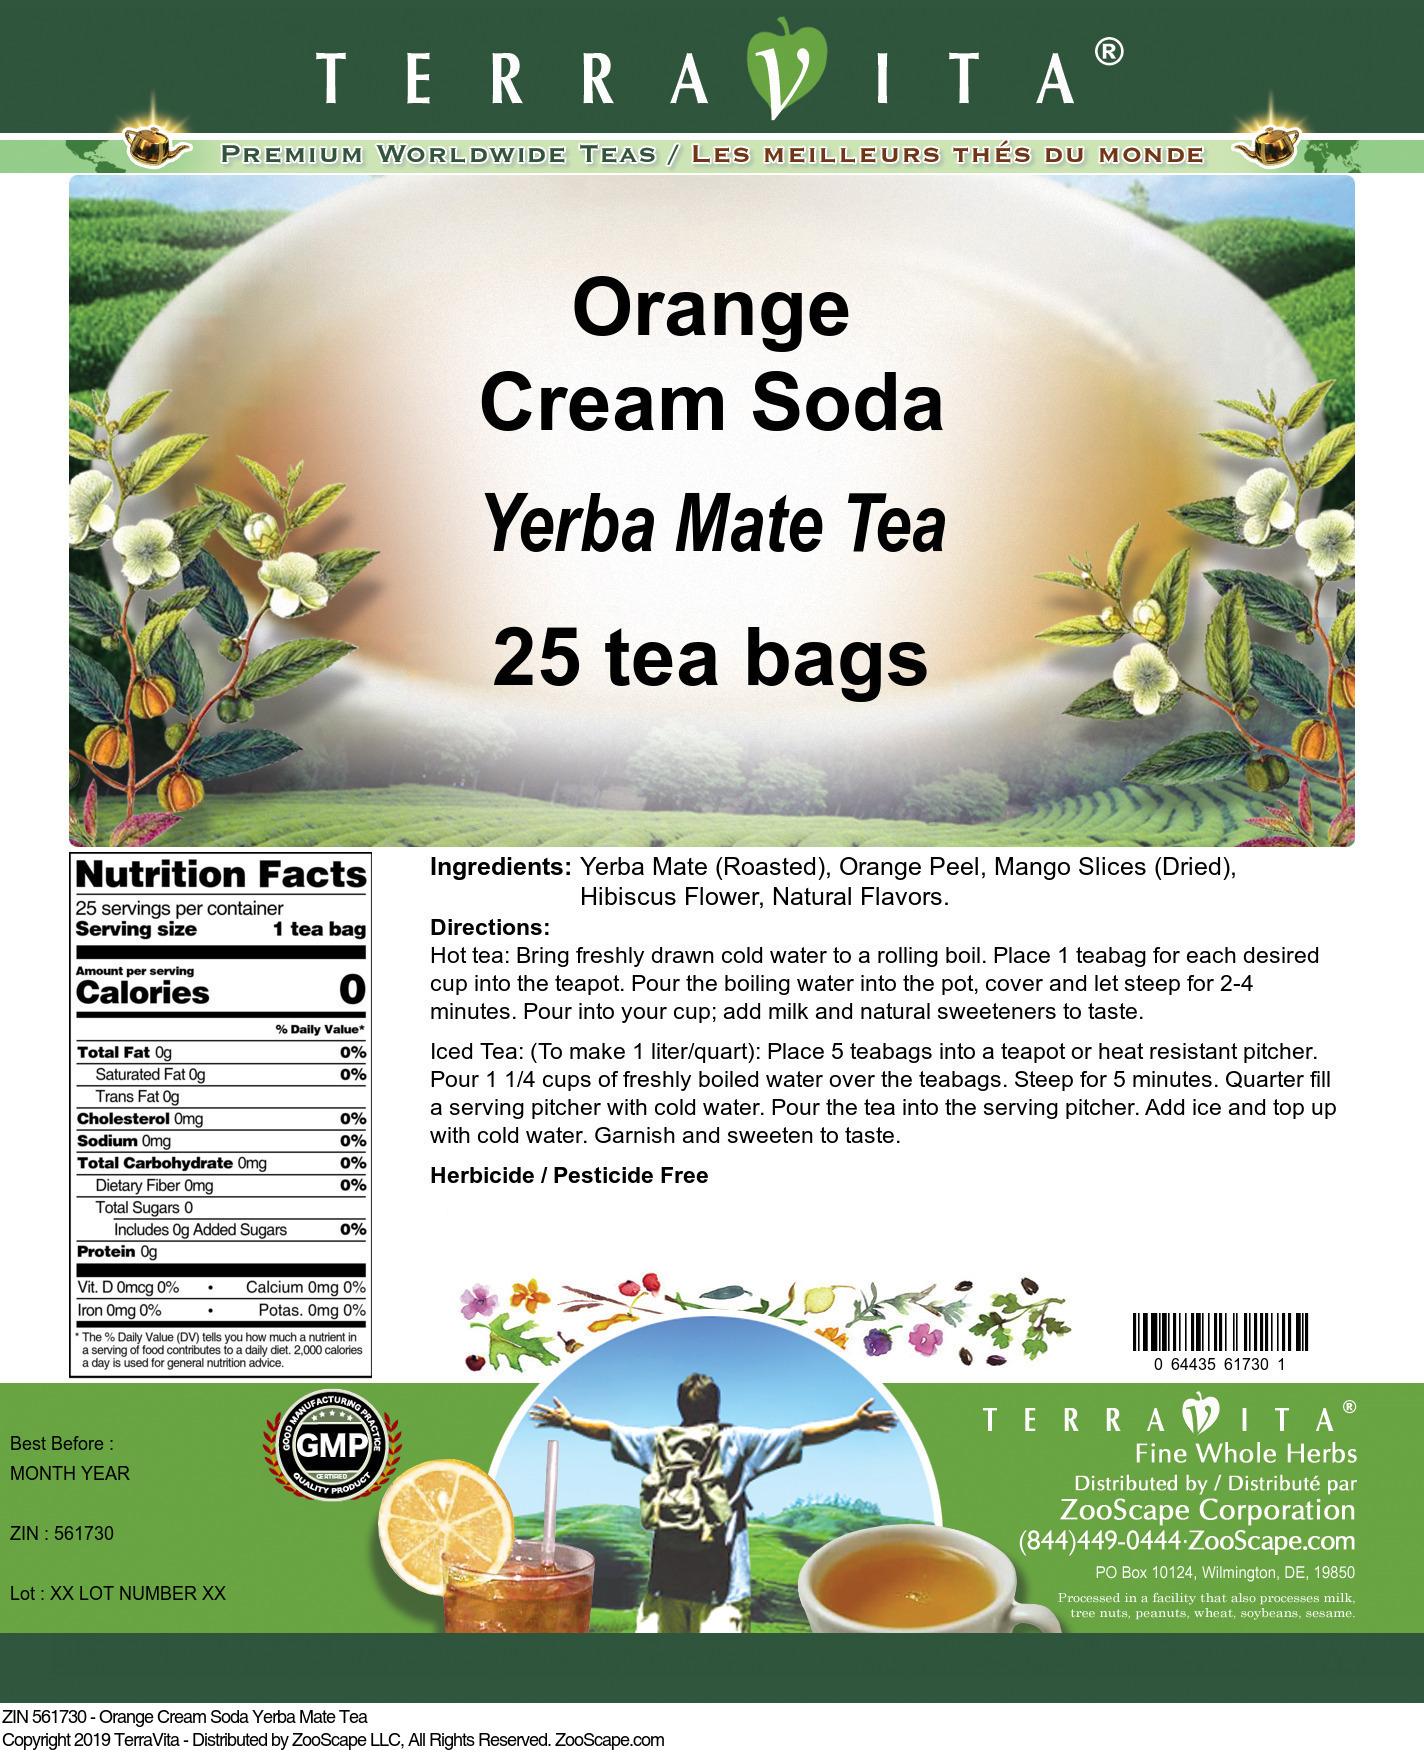 Orange Cream Soda Yerba Mate Tea